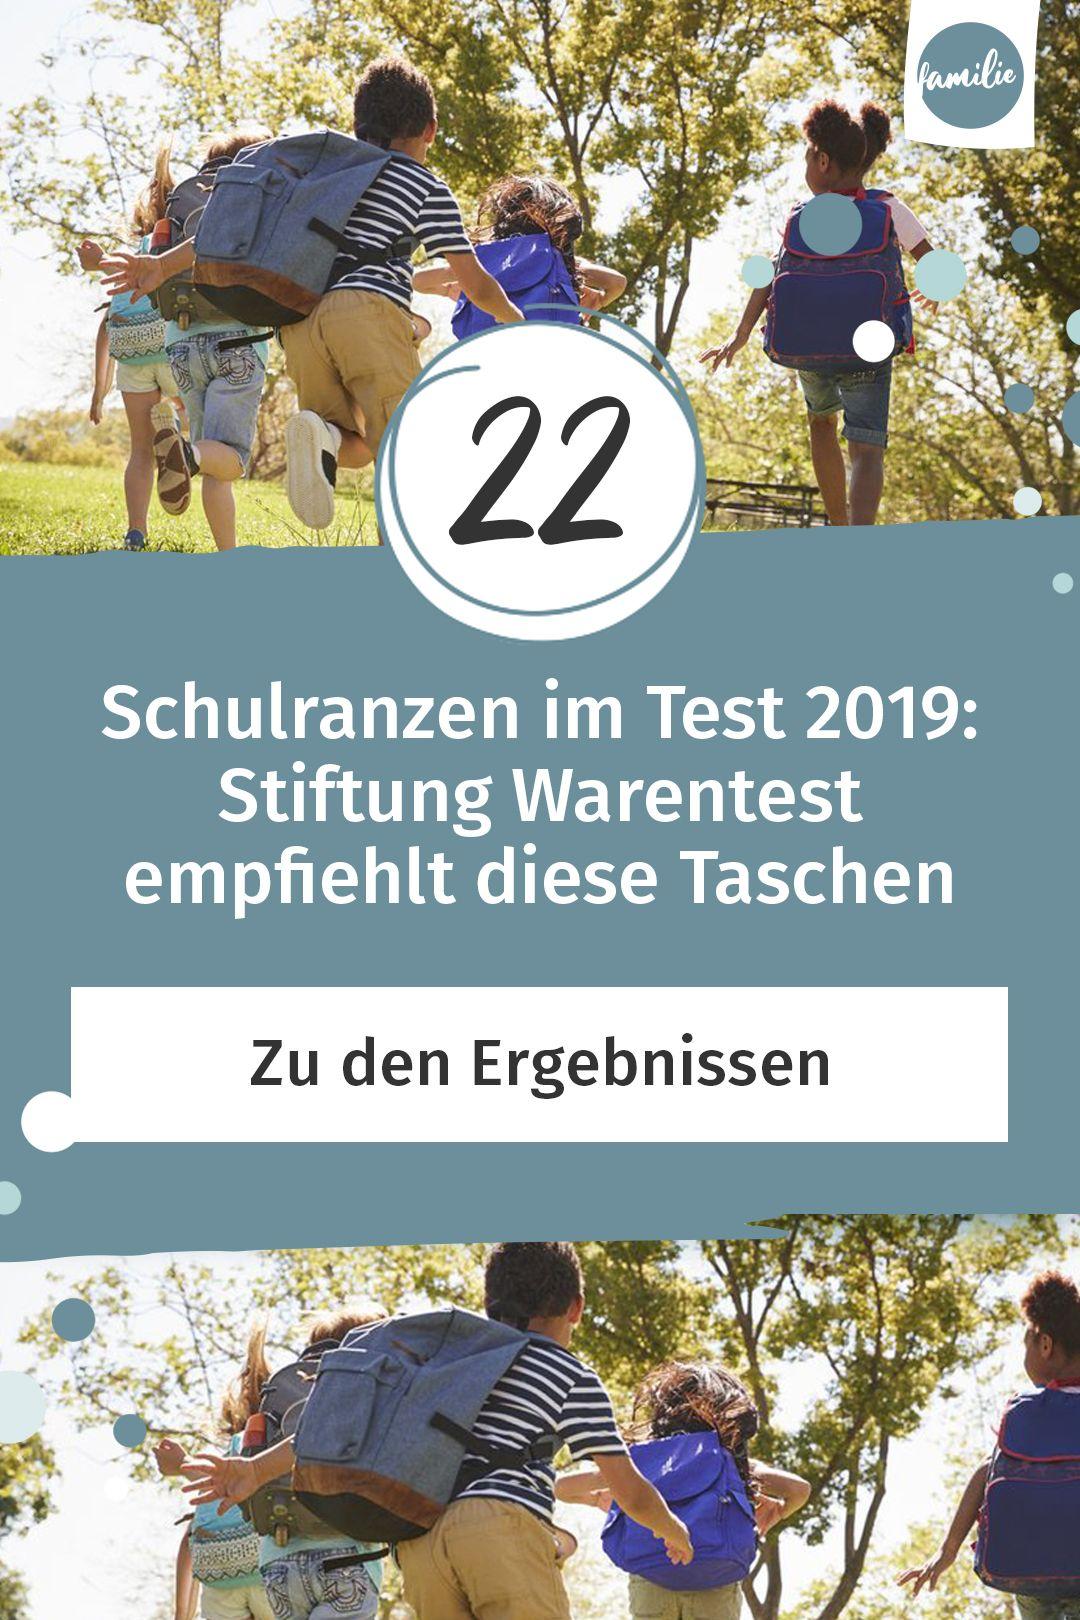 Schulranzen Test Stiftung Warentest Empfiehlt Diese Schulranzen Schulranzen Schulalltag Schulkinder